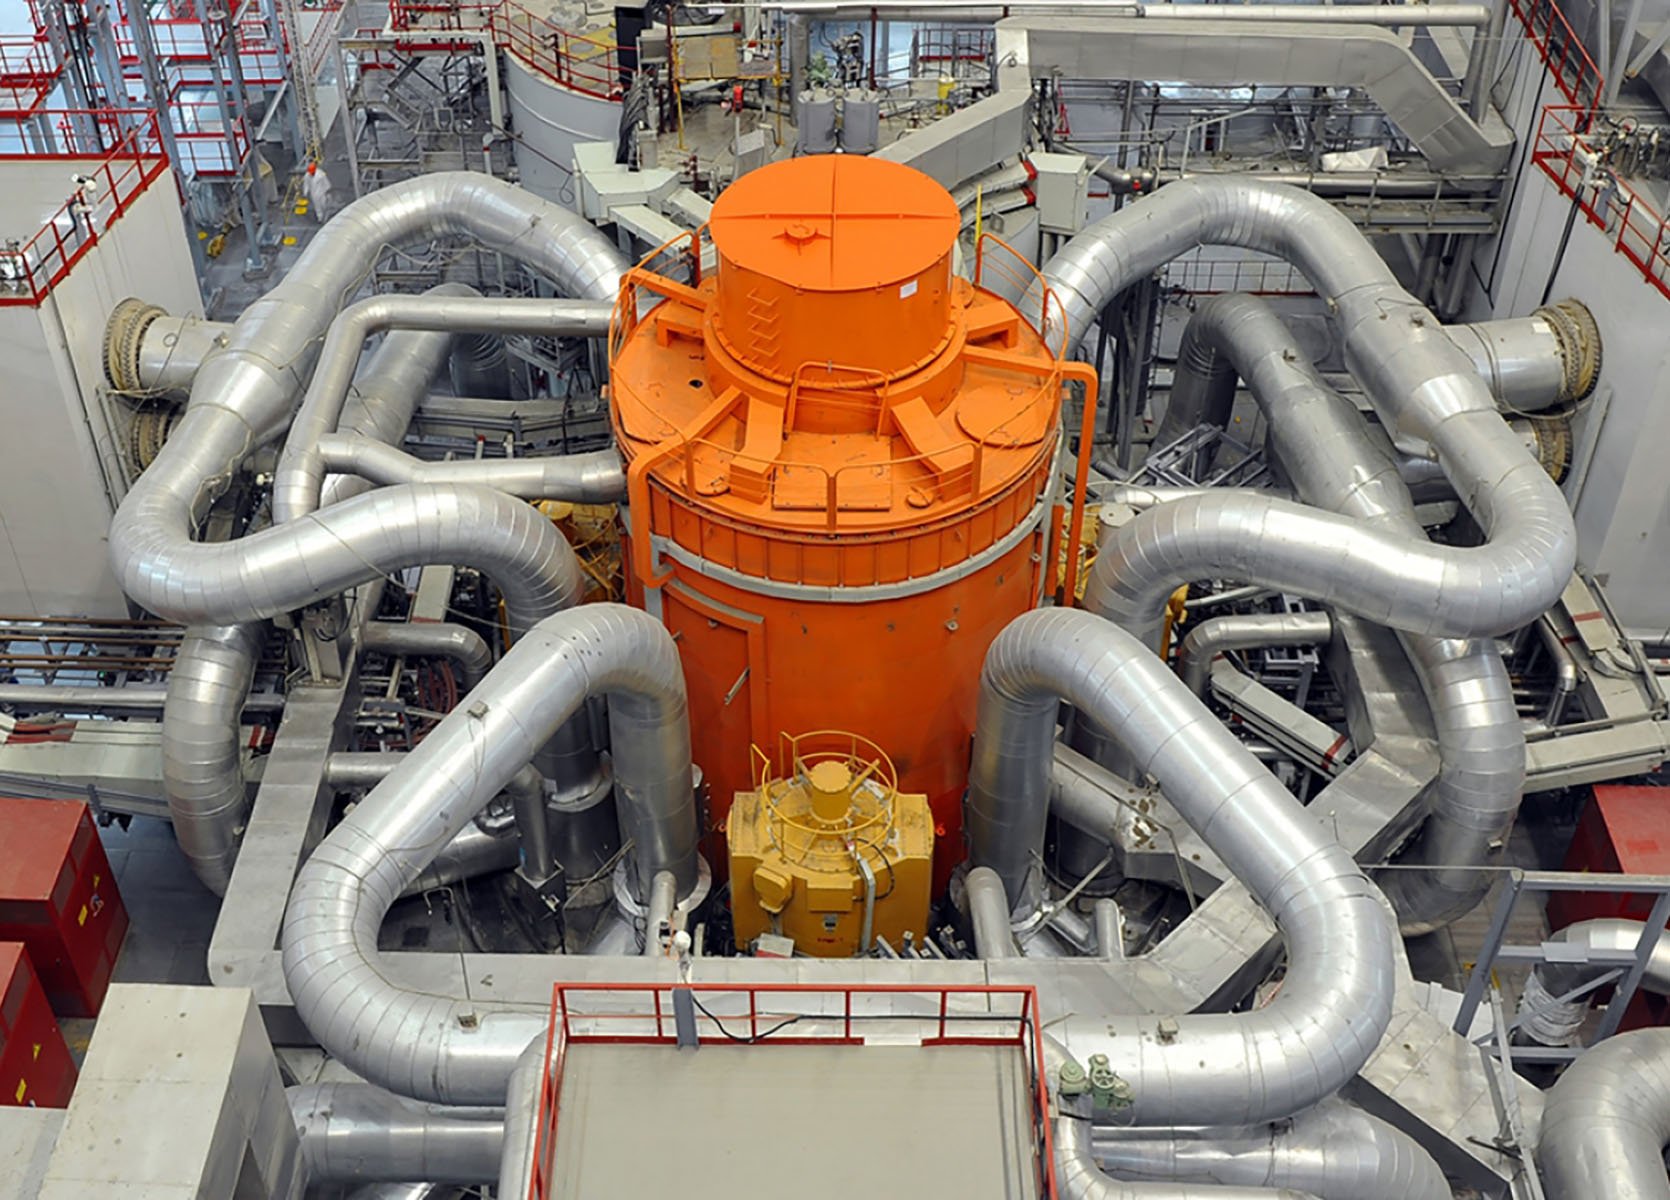 减少核废物和提高效率 促进可持续的能源未来